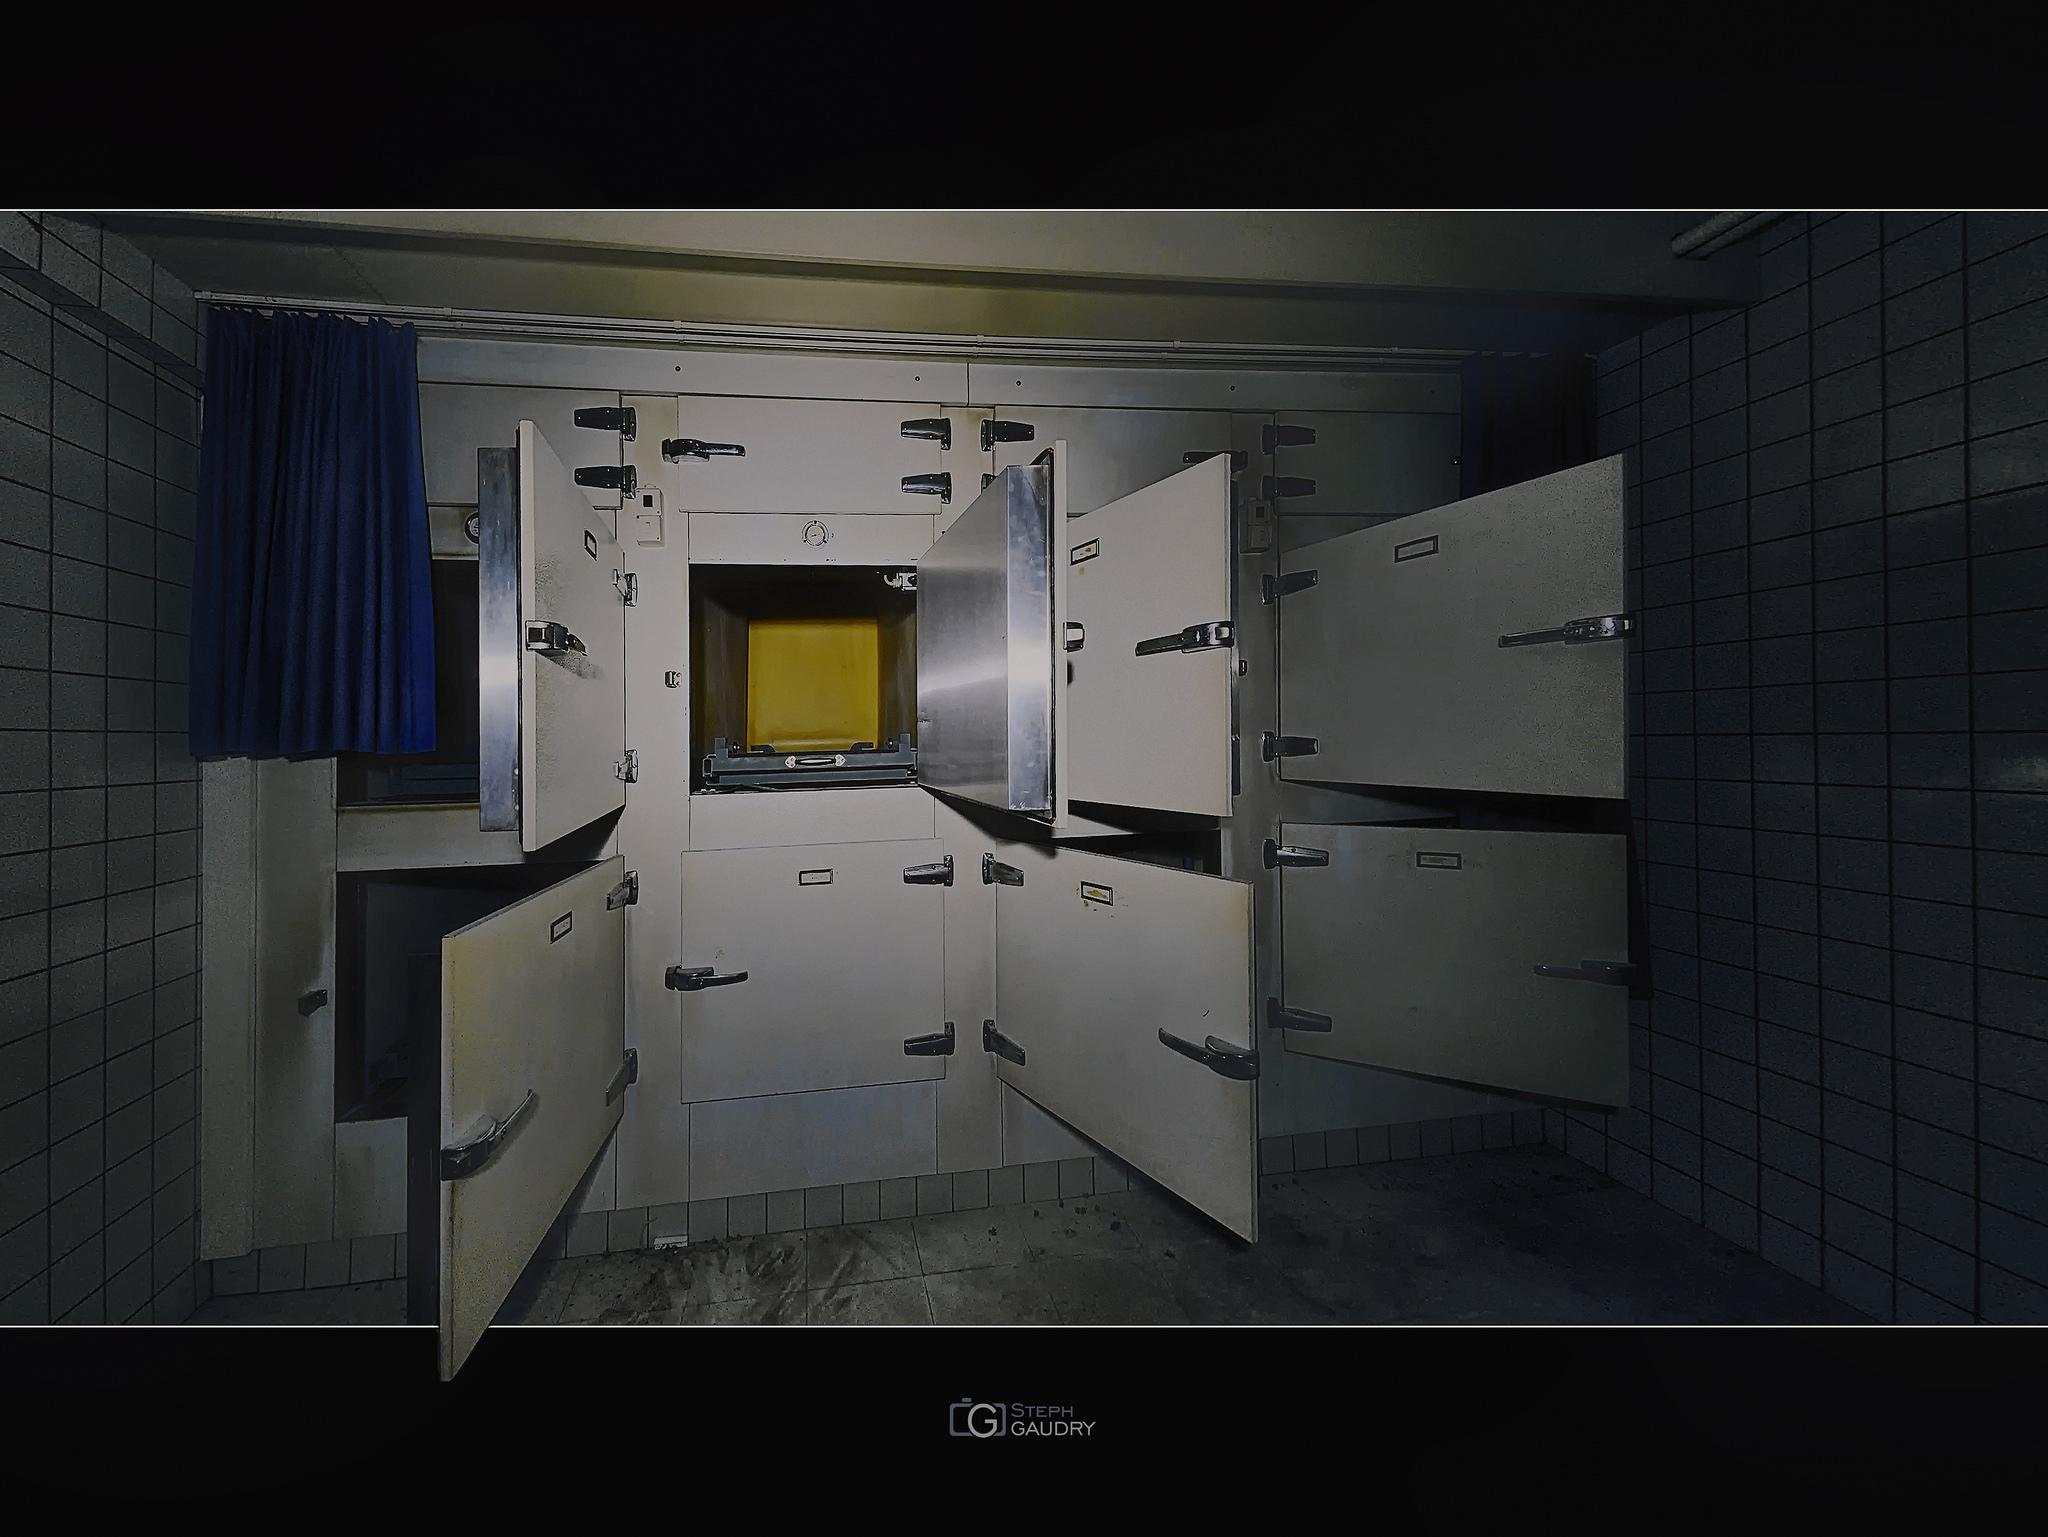 La morgue [Cliquez pour lancer le diaporama]